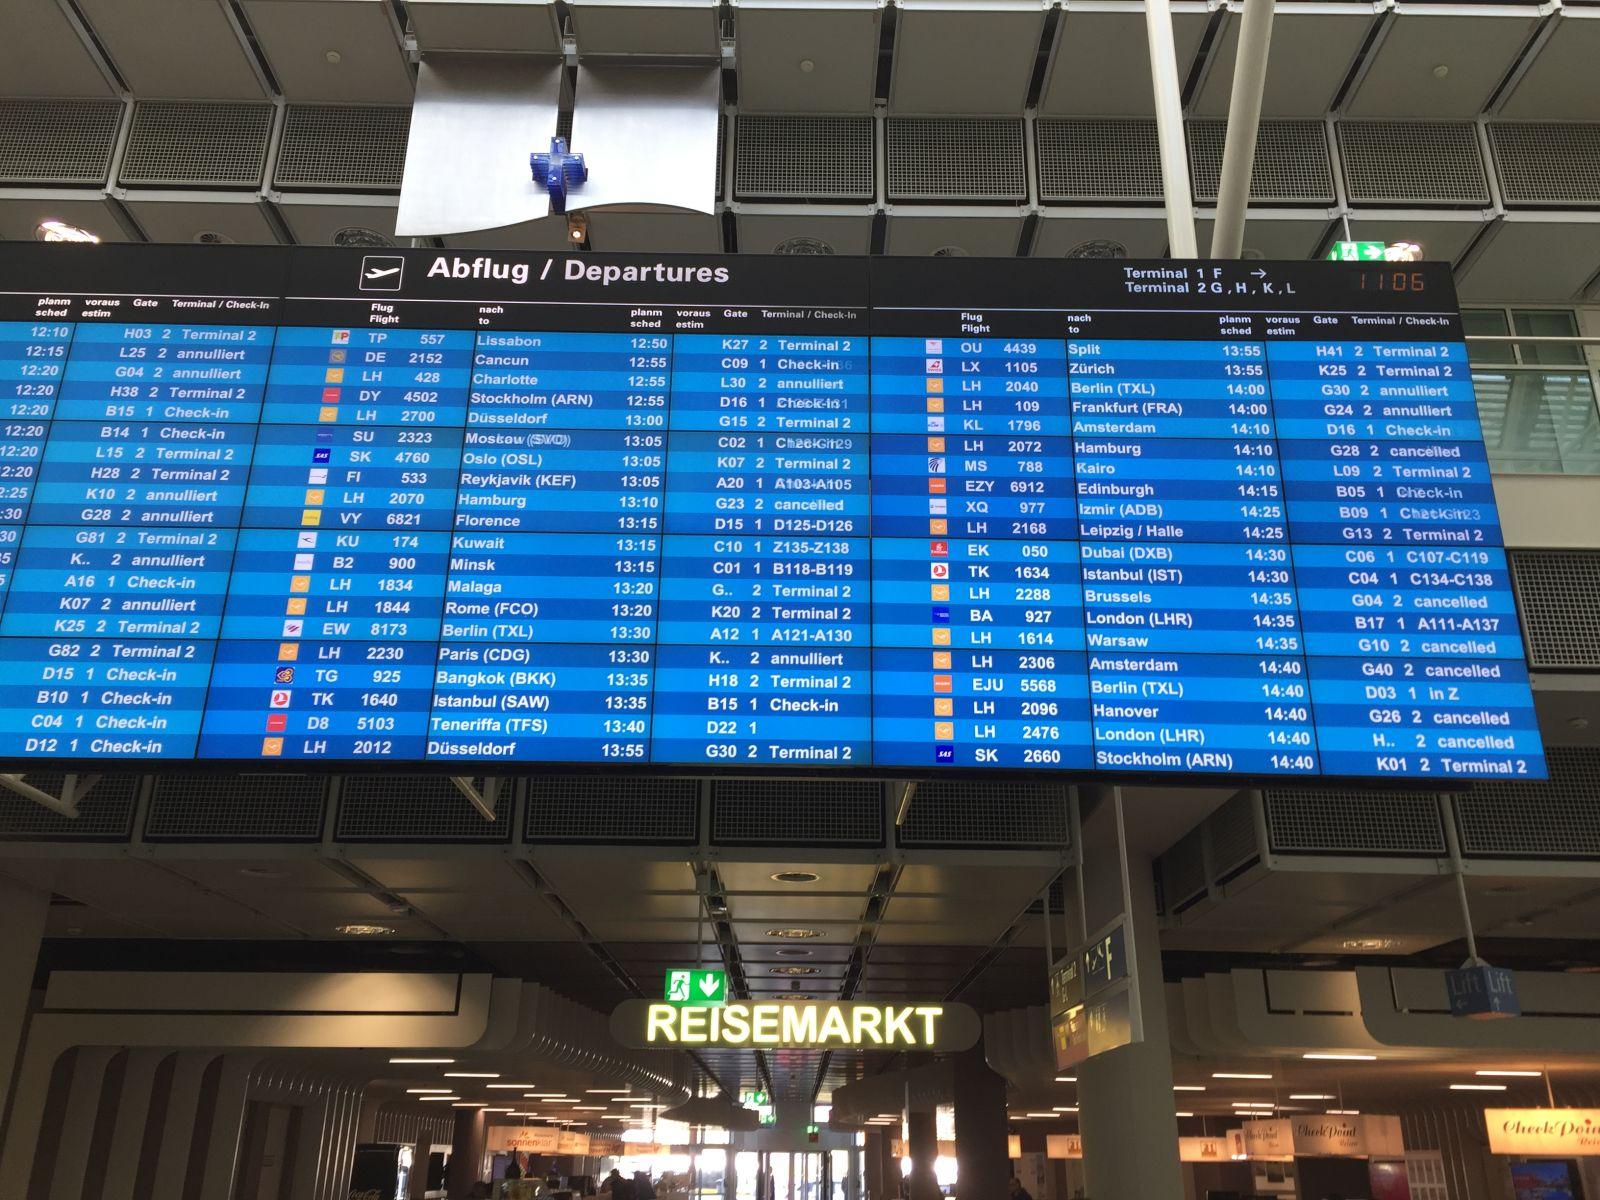 Страйк у Lufthansa: скасовано 1300 рейсів (ФОТО)